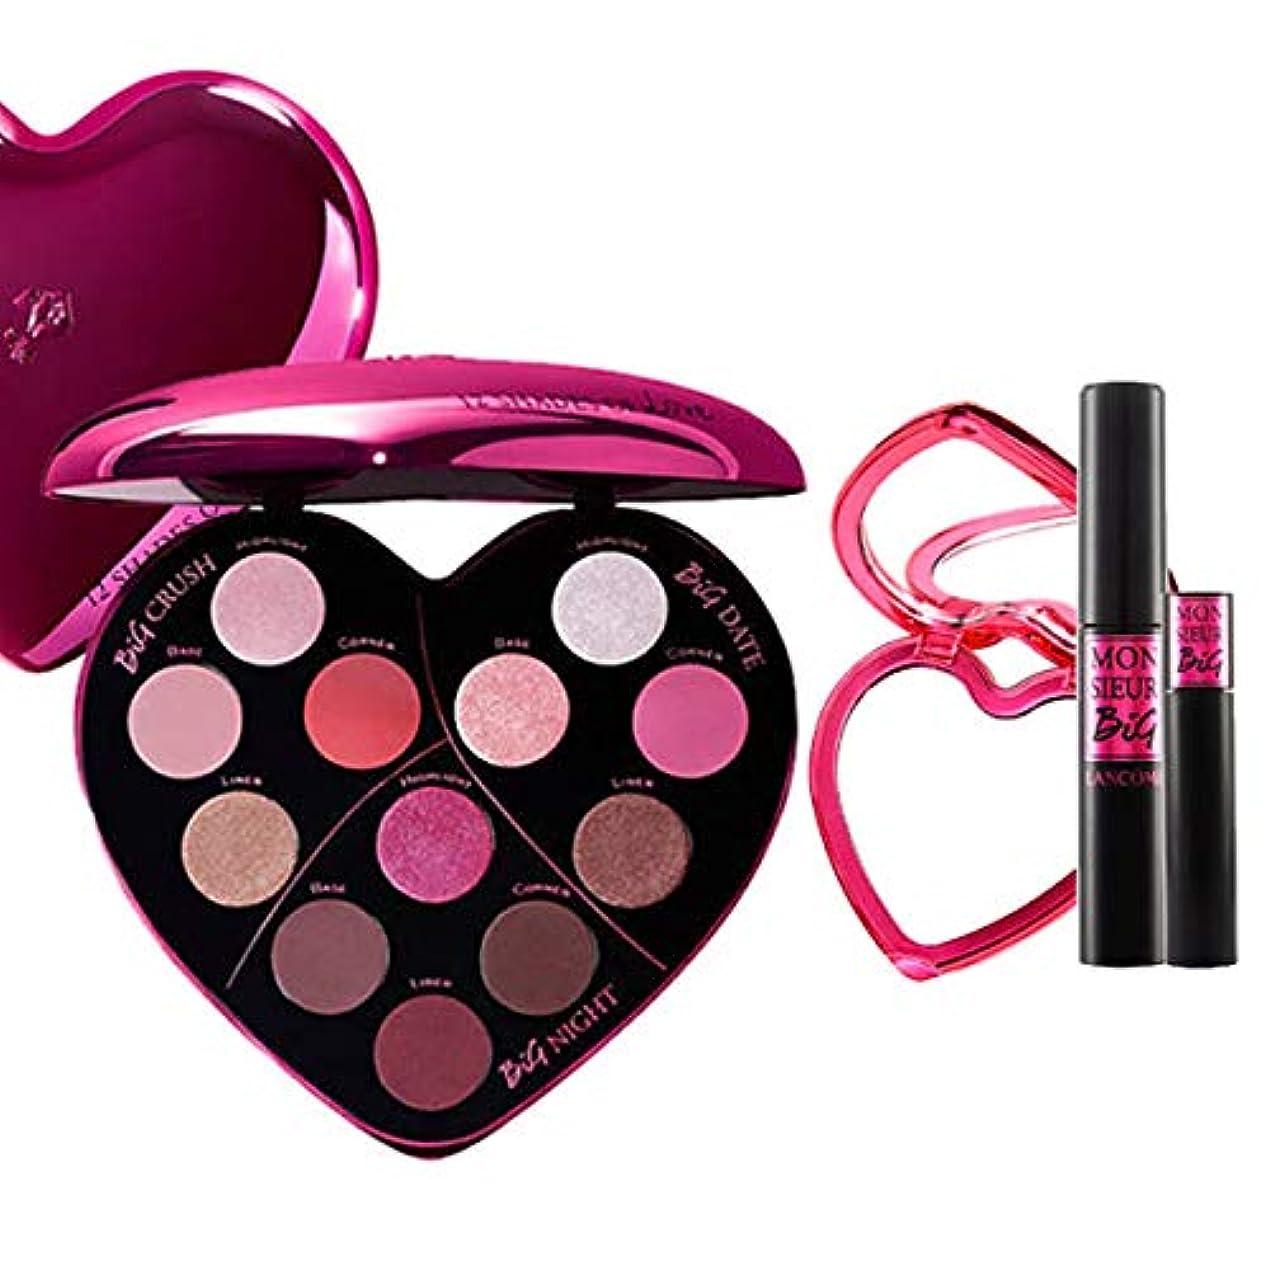 明日収束花瓶ランコム(LANCOME), 限定版 limited-edition Monsieur Big Heart-Shaped Eyeshadow Palette + Monsieur Big Birthday Mascara...